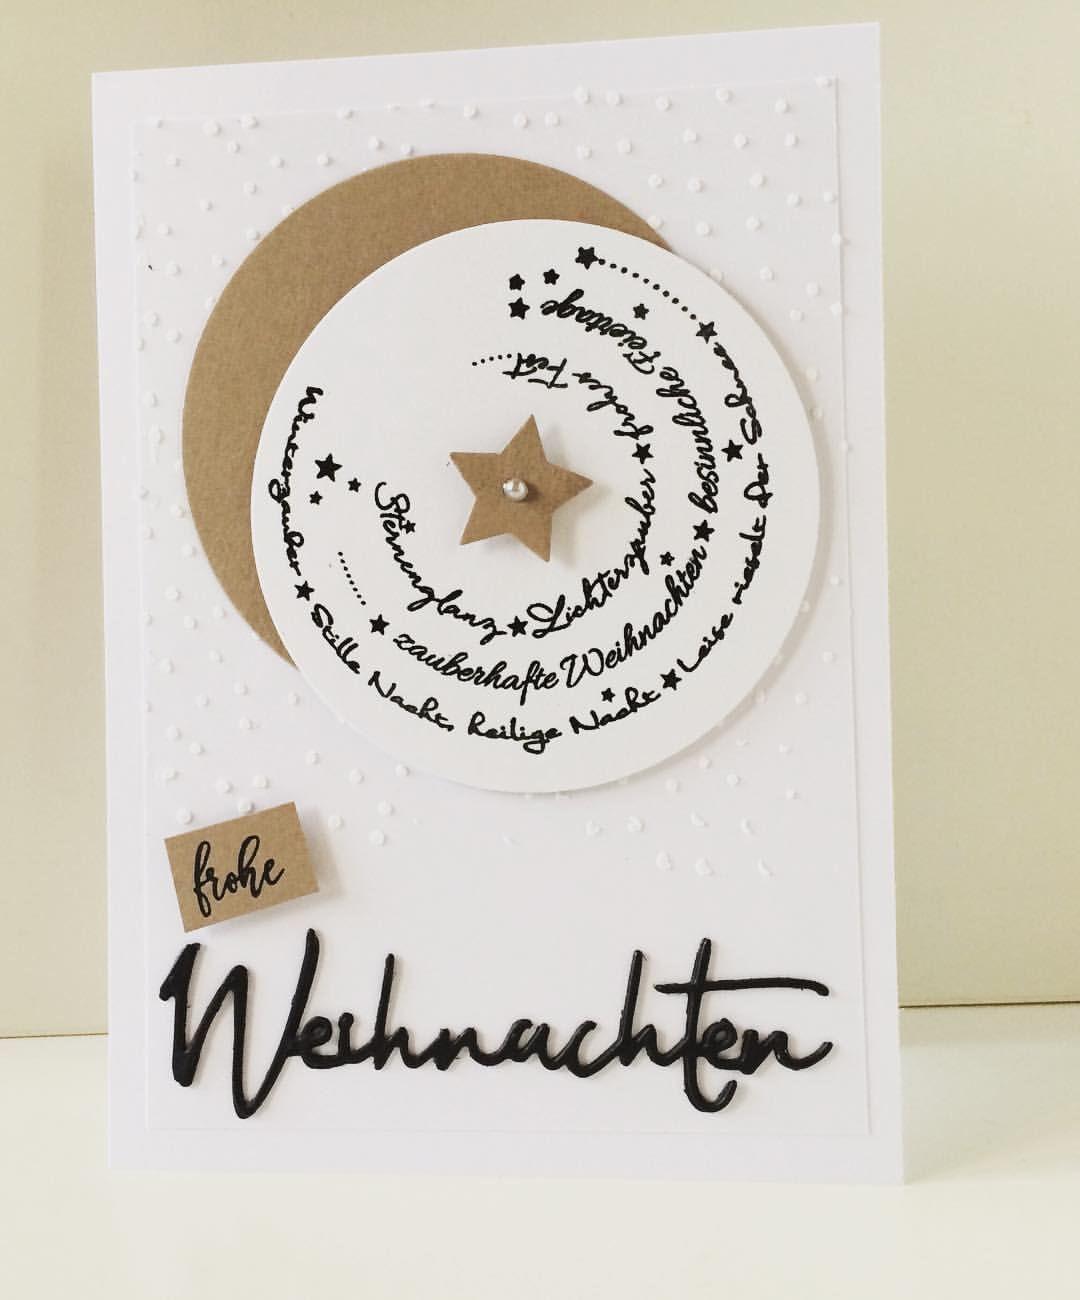 """Gefällt 51 Mal, 3 Kommentare - Friederike (@greteiris) auf Instagram: """"#kartenbasteln #kartengestaltung #weihnachtskarte #cardmaking #christmascard #creativedepot…"""" #Ästeweihnachtlichdekorieren"""